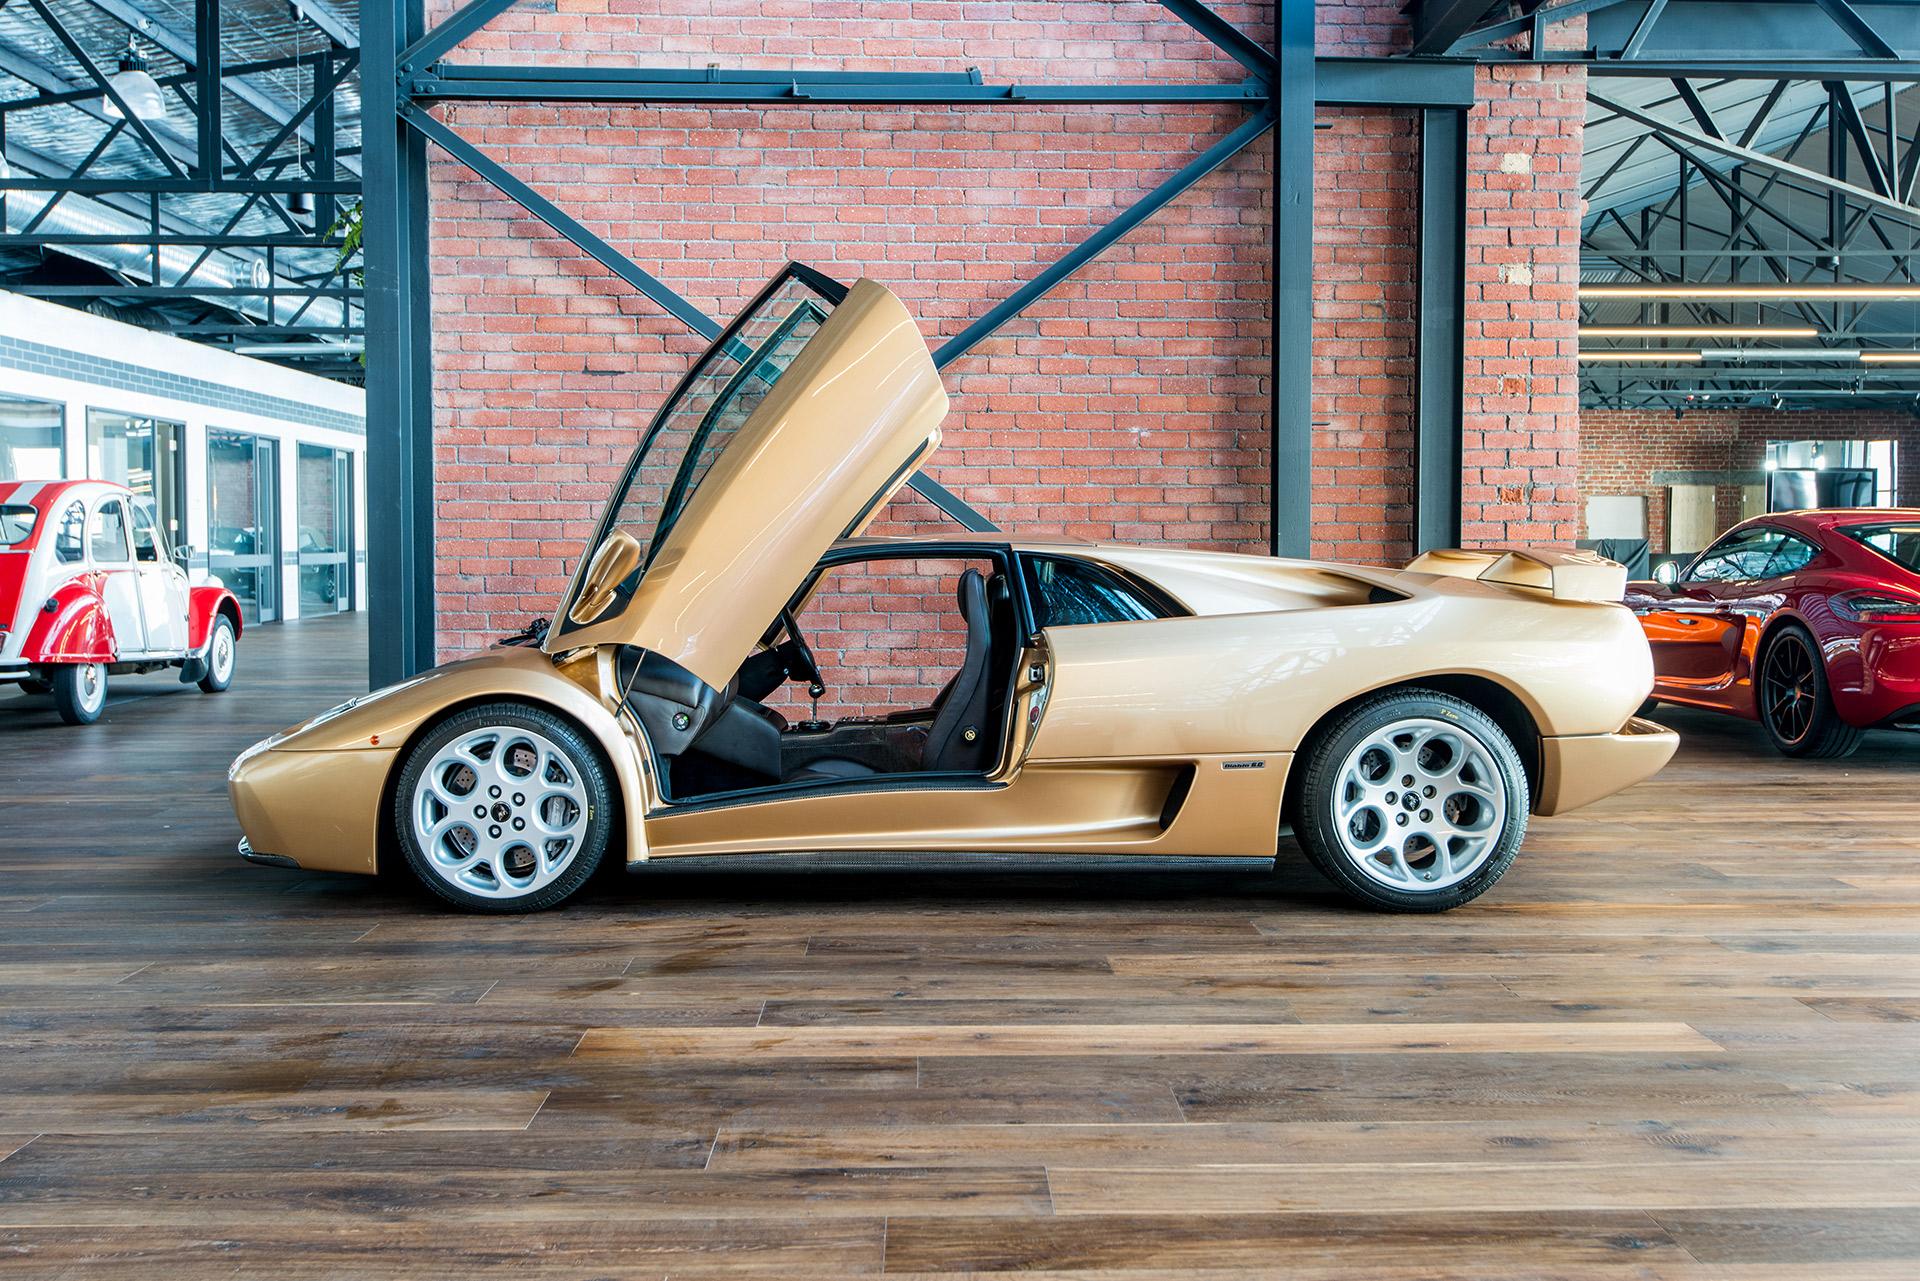 2001 lamborghini diablo vt 6 0 se richmonds classic and prestige cars storage and sales. Black Bedroom Furniture Sets. Home Design Ideas